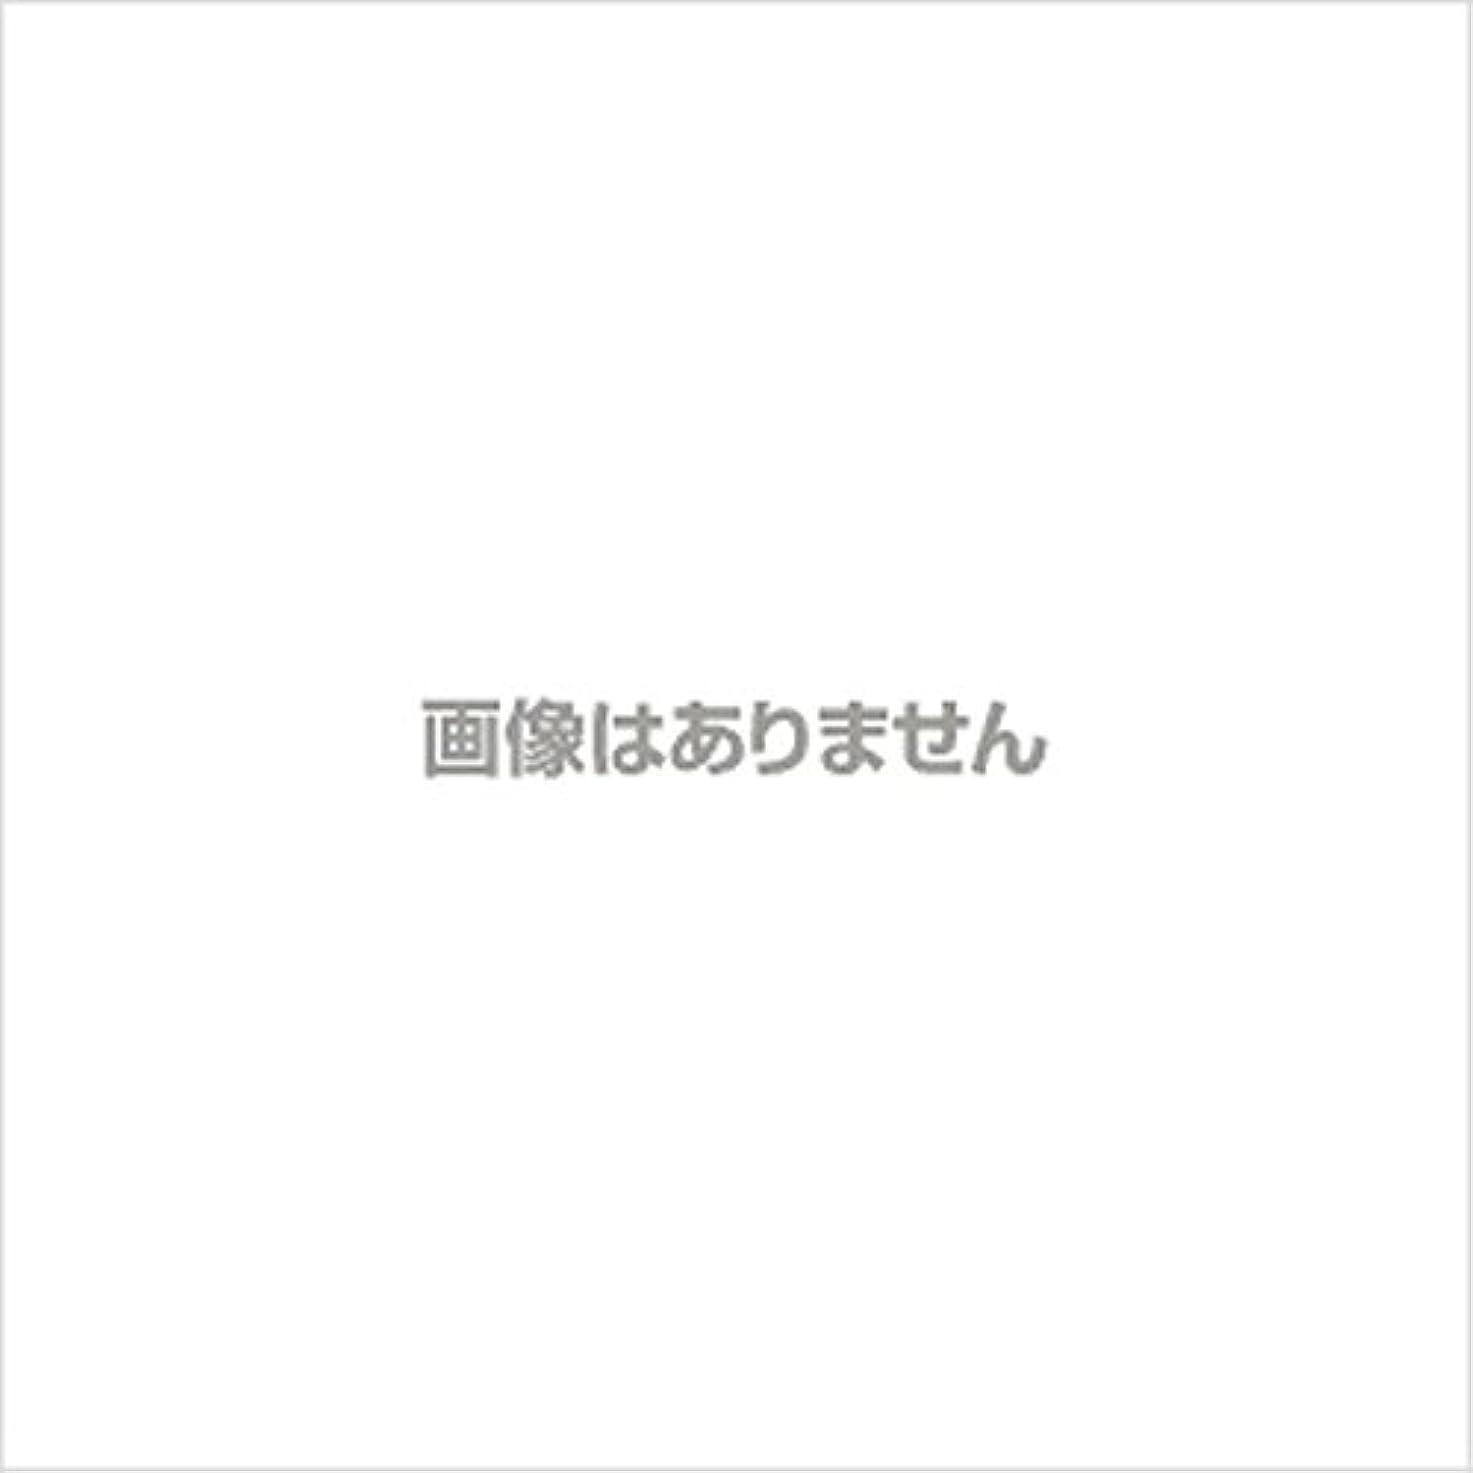 気難しい気を散らす裁定【新発売】EBUKEA エブケアNO1004 プラスチックグローブ(パウダーフリー?粉なし)Sサイズ 100枚入(極薄?半透明)